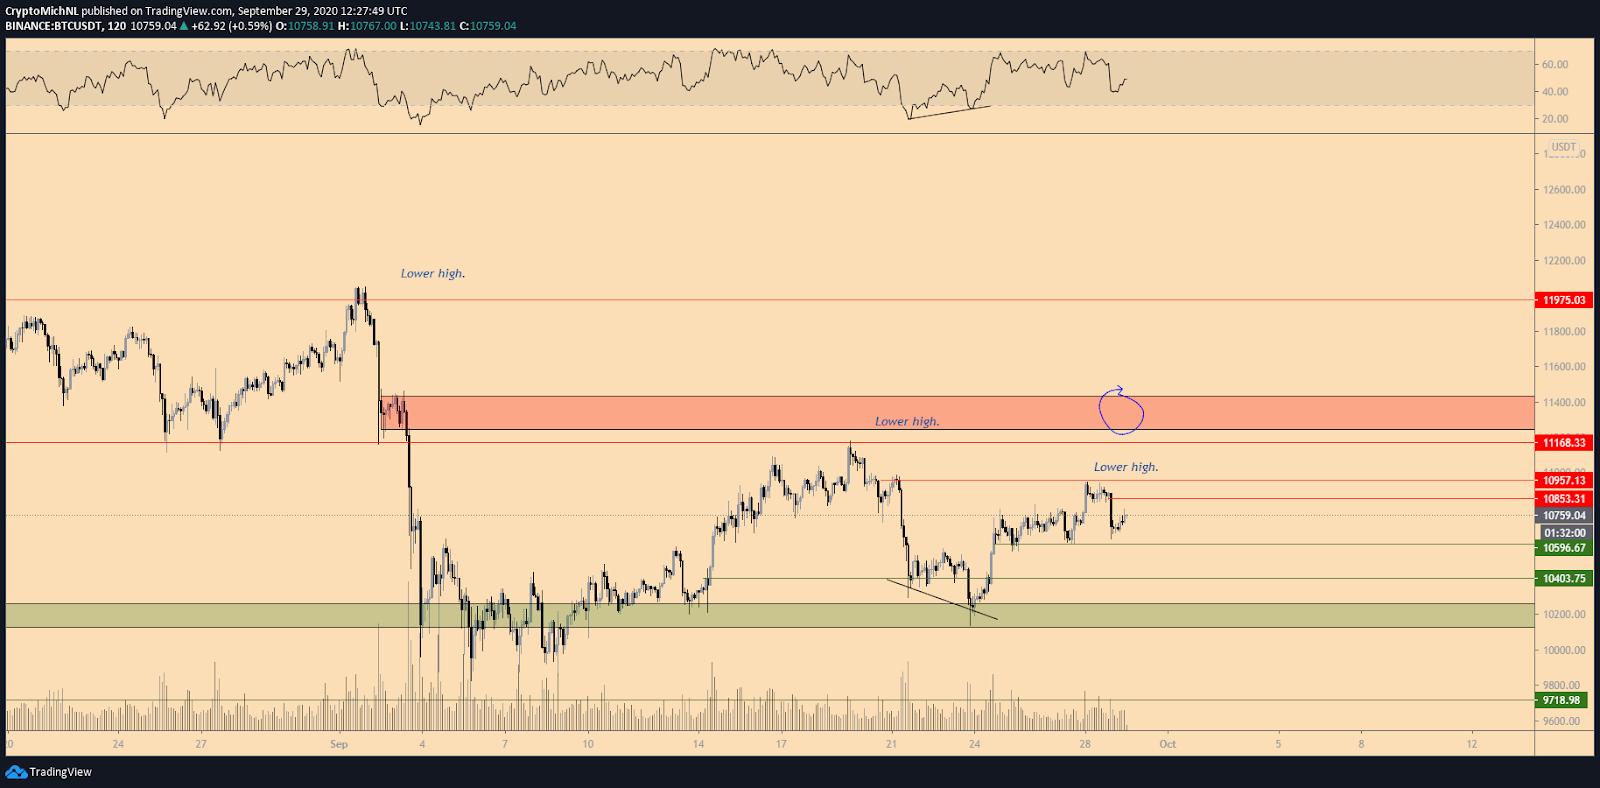 BTC/USDT 2-hour chart